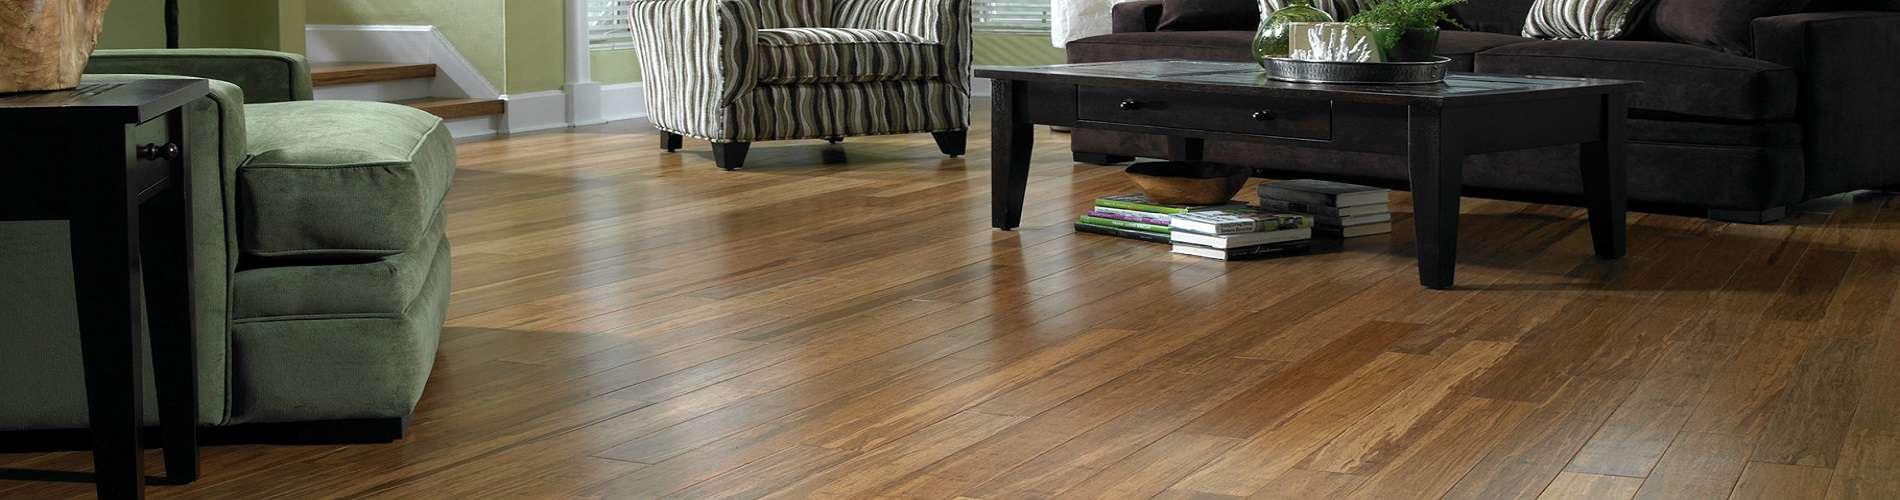 Bamboo-Flooring-Interior-Designedited